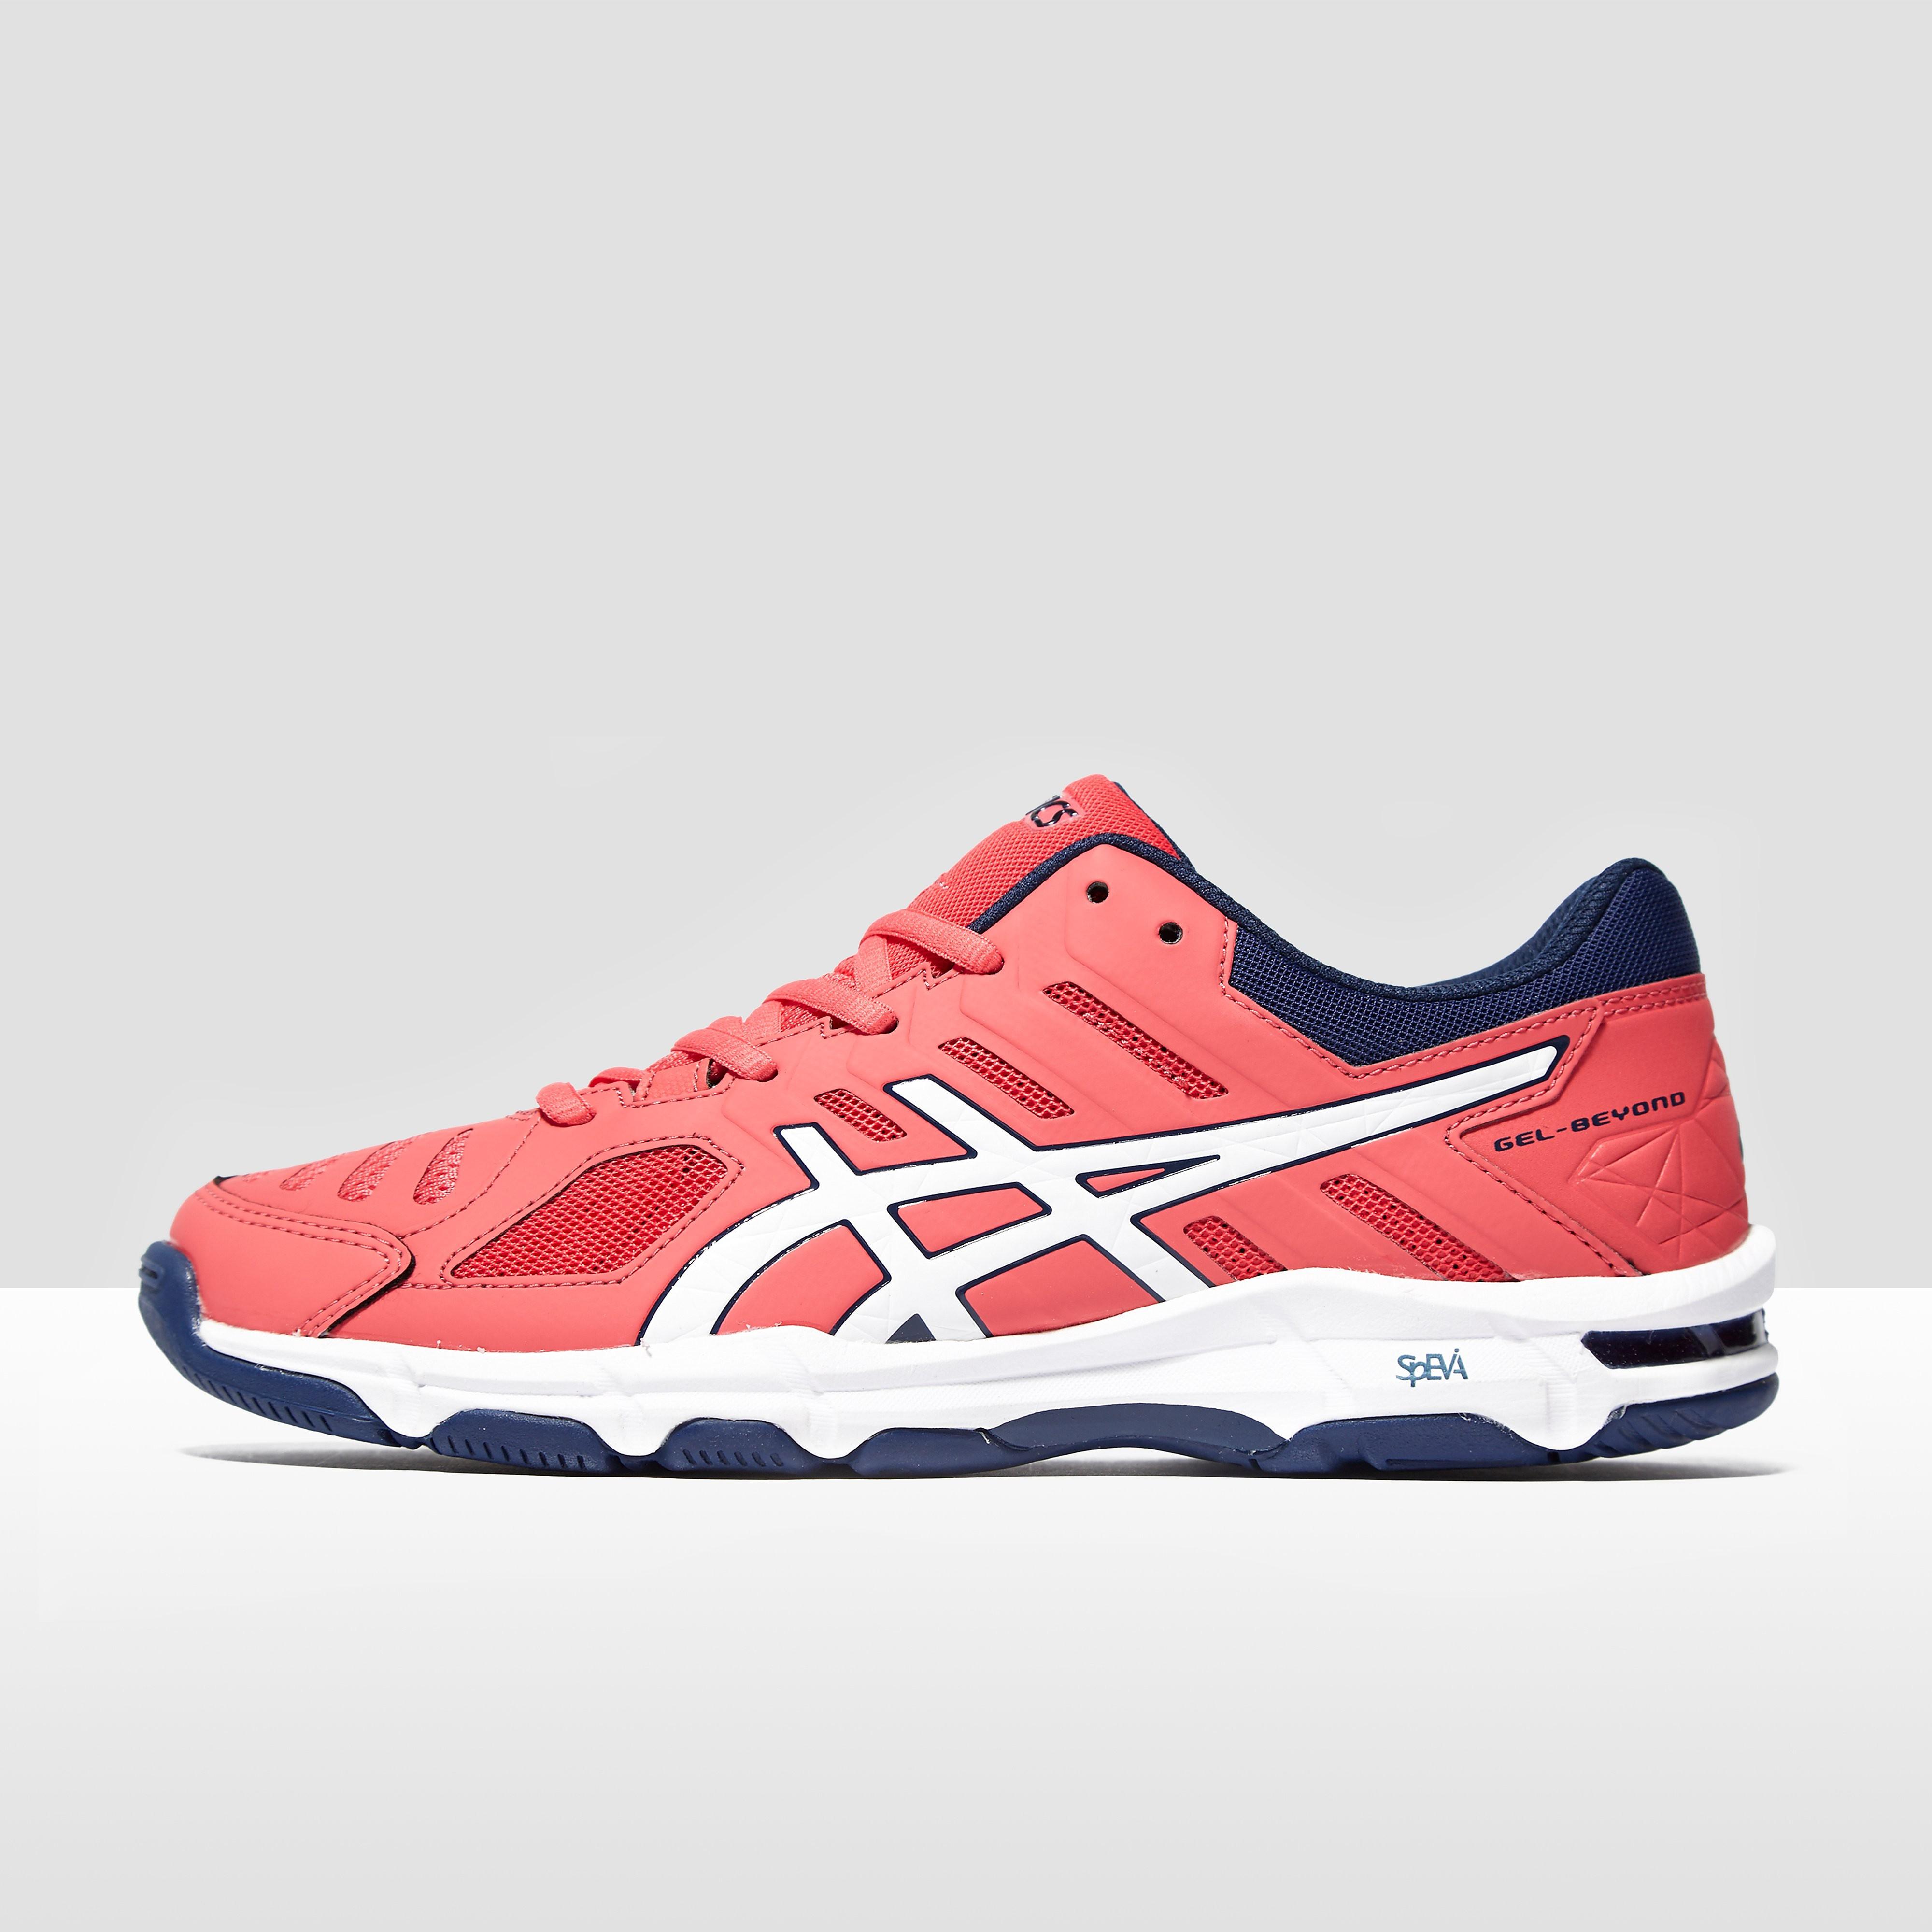 ASICS GEL-BEYOND 5 Women's Court Shoes